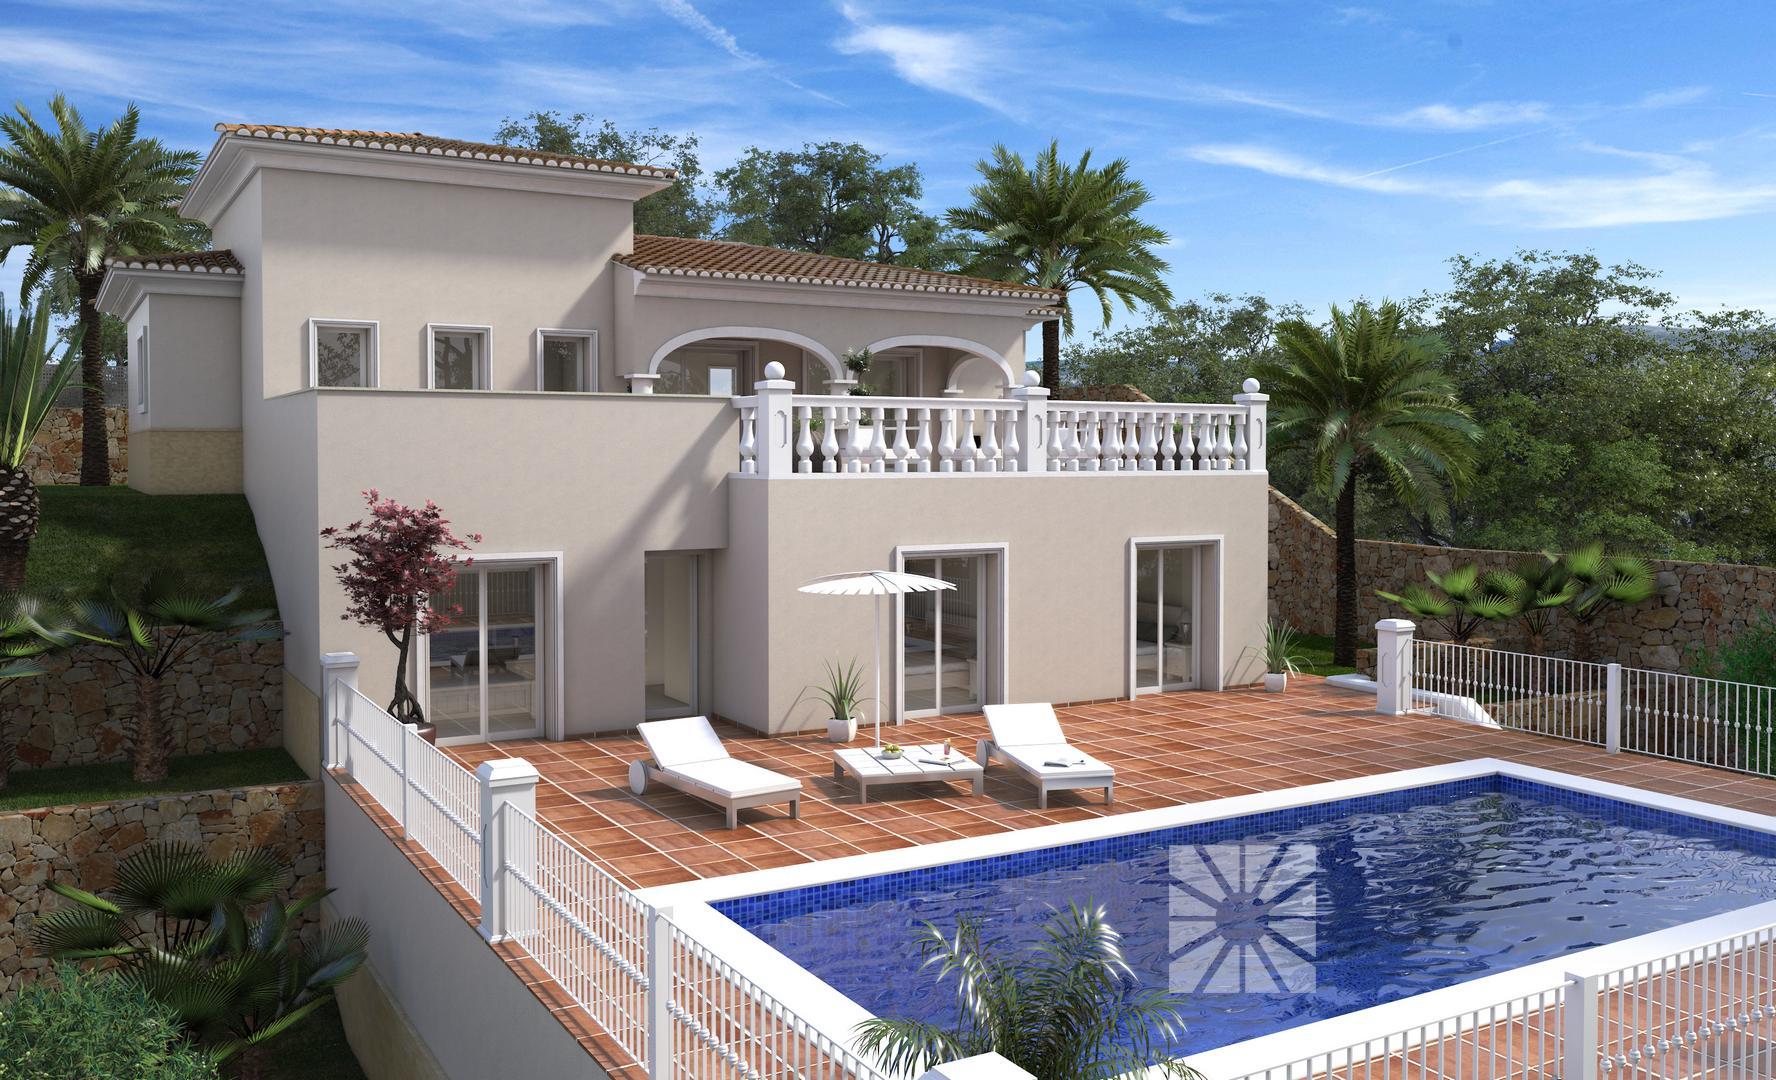 Chalet en cumbre del sol modelo nisida for Mar villa modelo